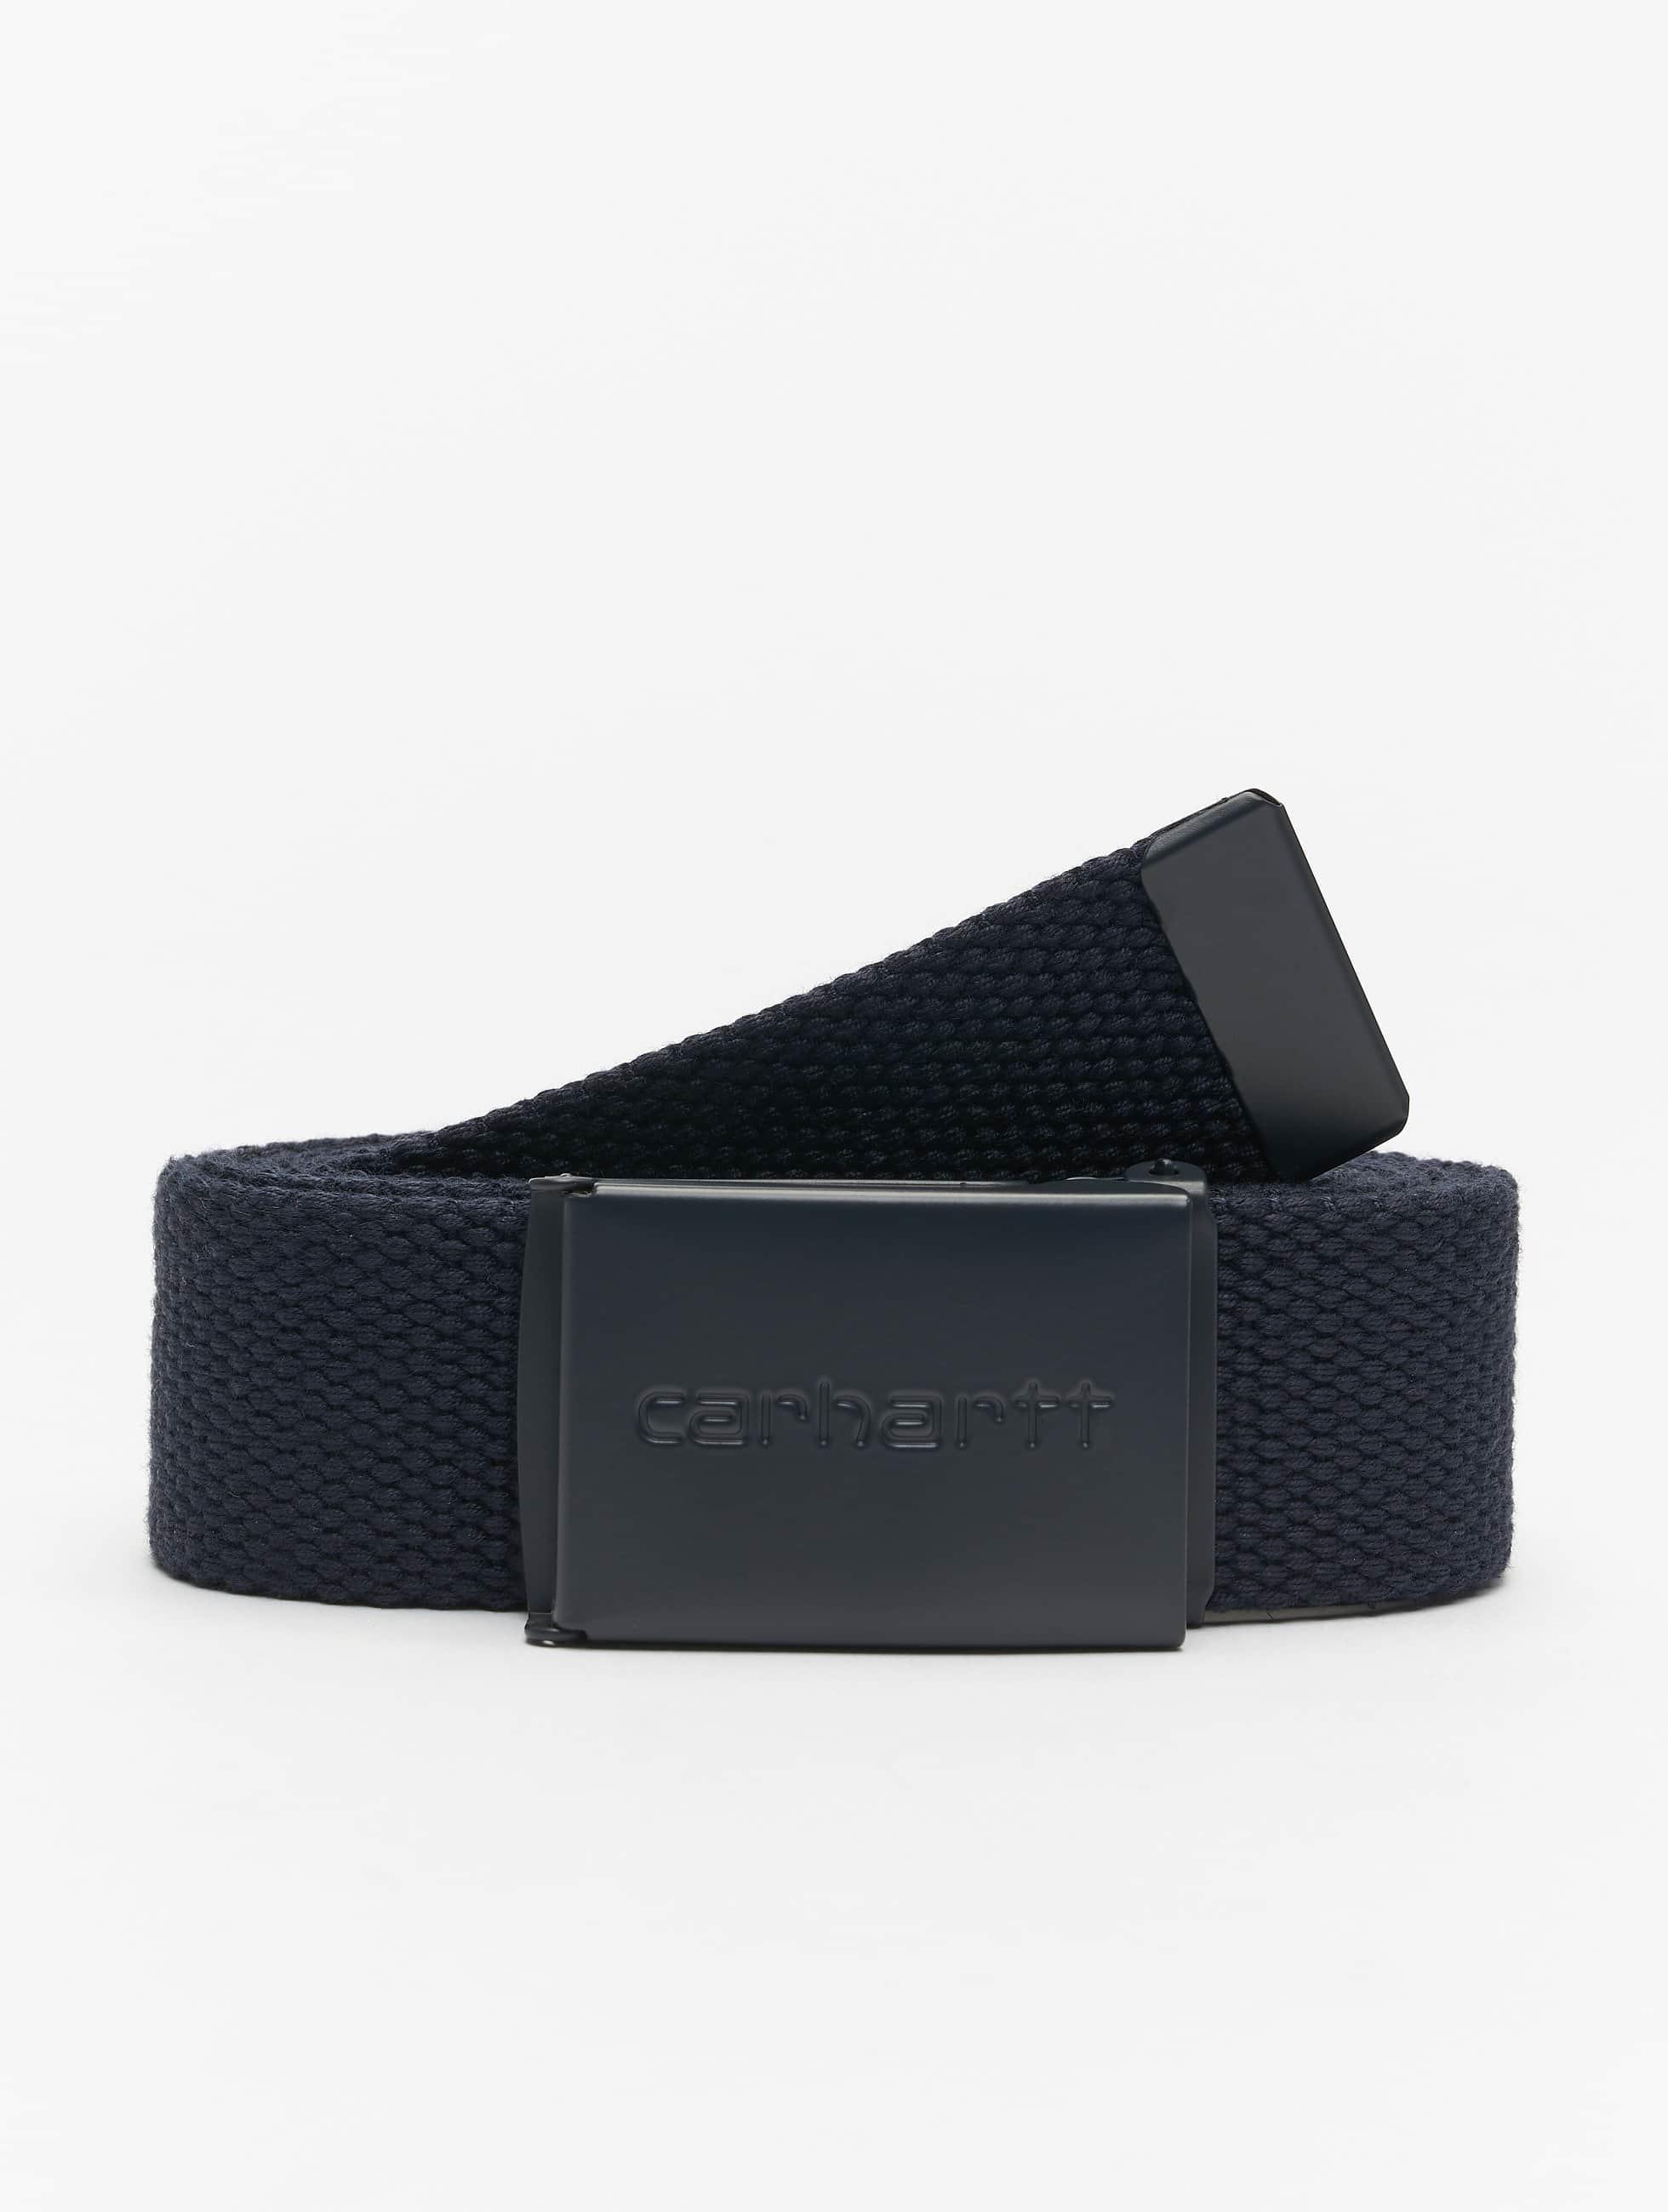 Carhartt WIP Belt Clip blue